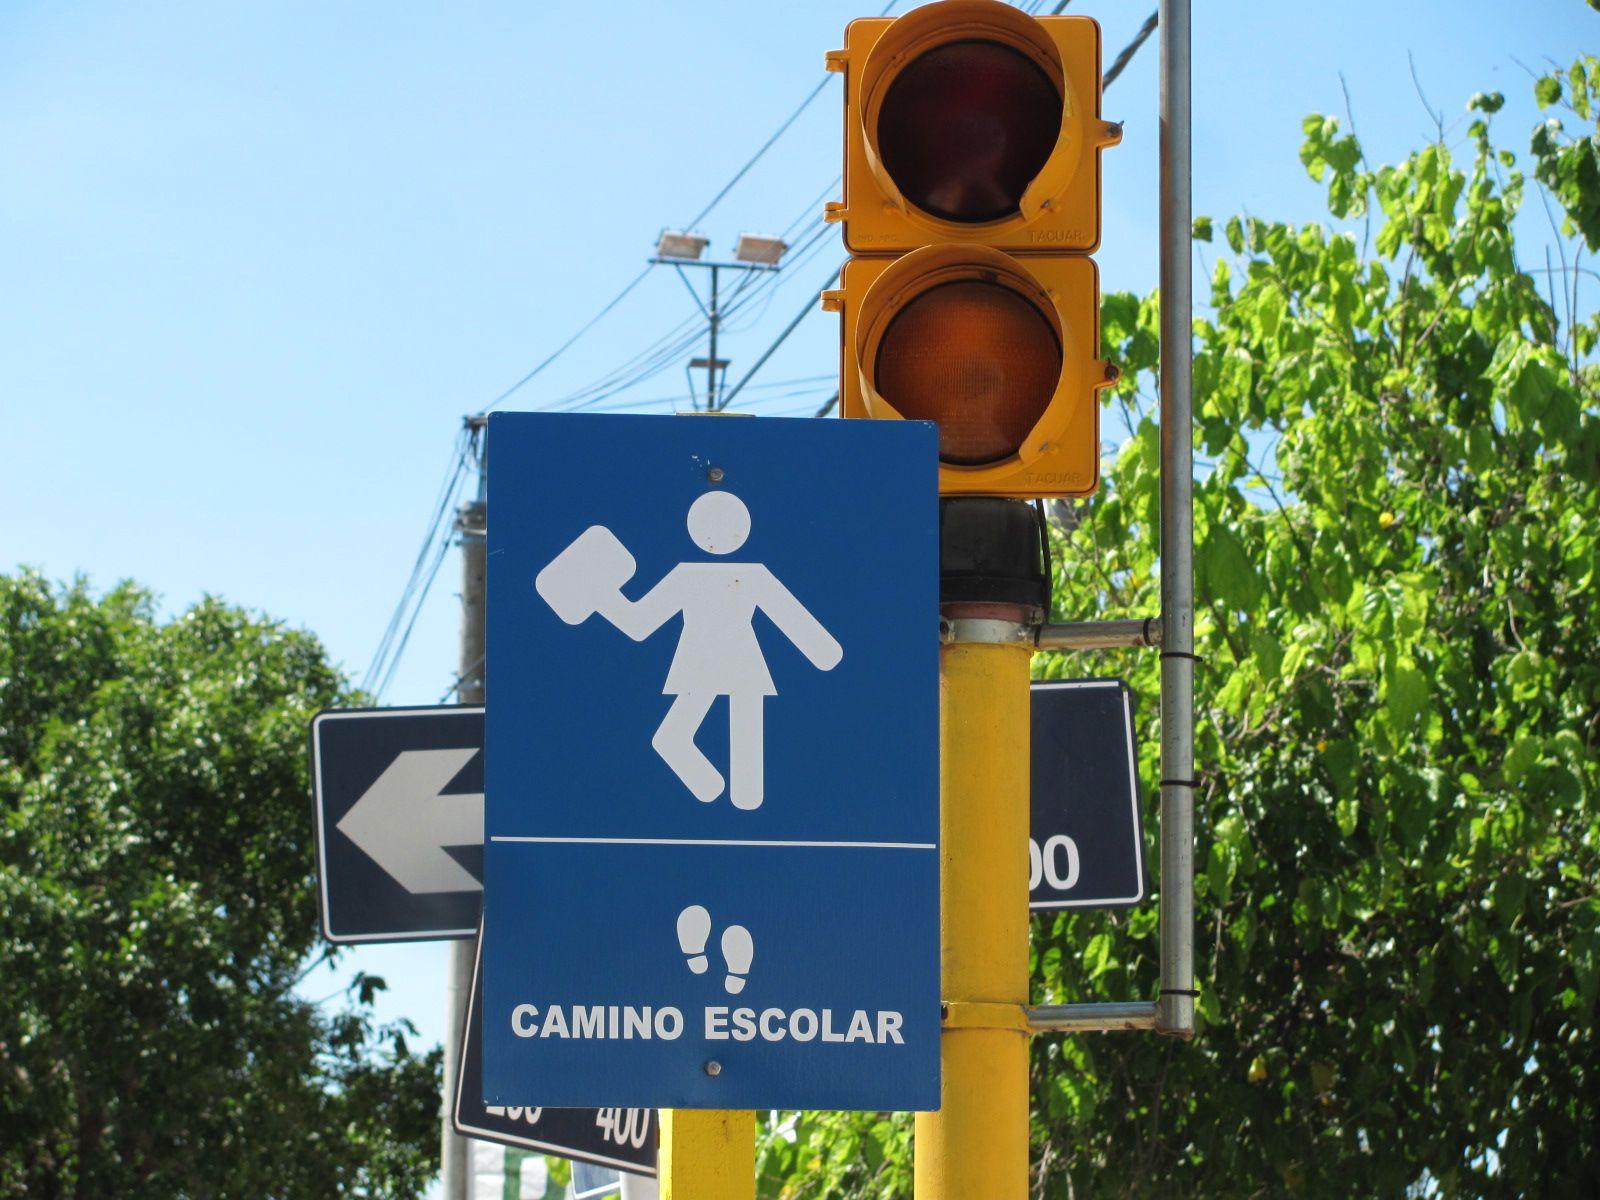 Plan integral de seguridad vial. Con distintas obras